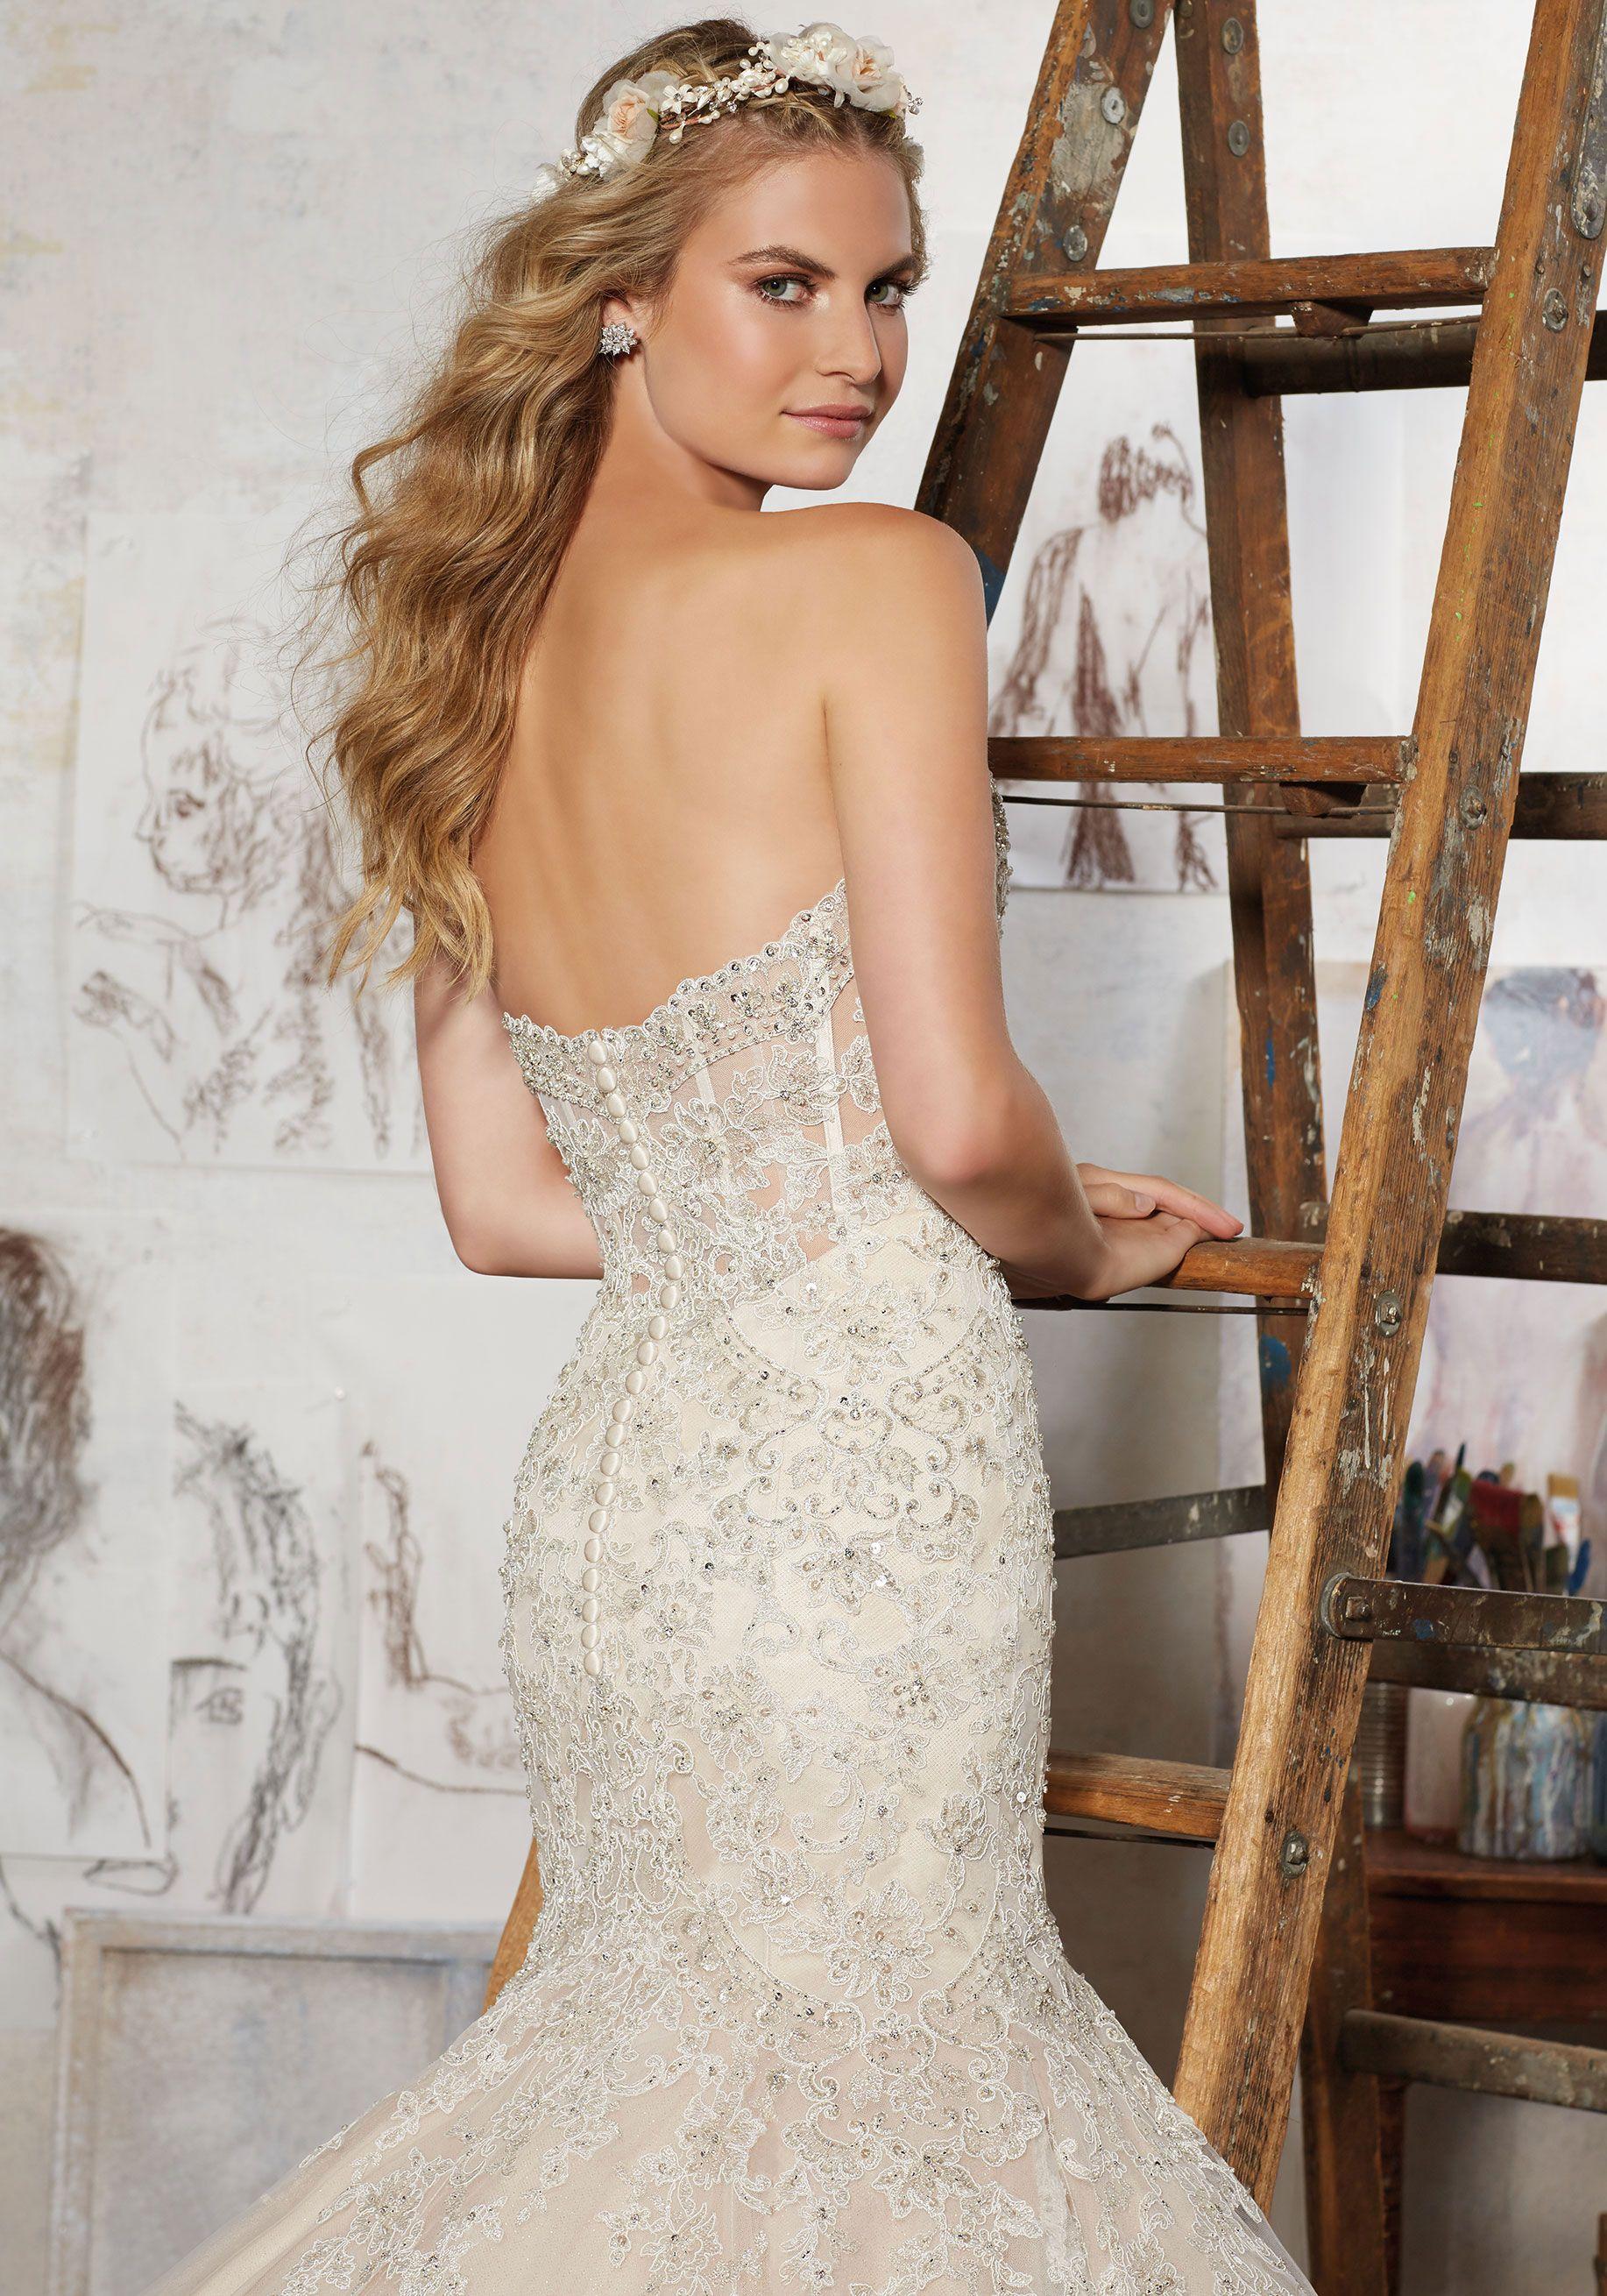 Mariela Wedding Dress Morilee Bridal Wedding Dresses Mori Lee Wedding Dress Wedding Dresses [ 2620 x 1834 Pixel ]